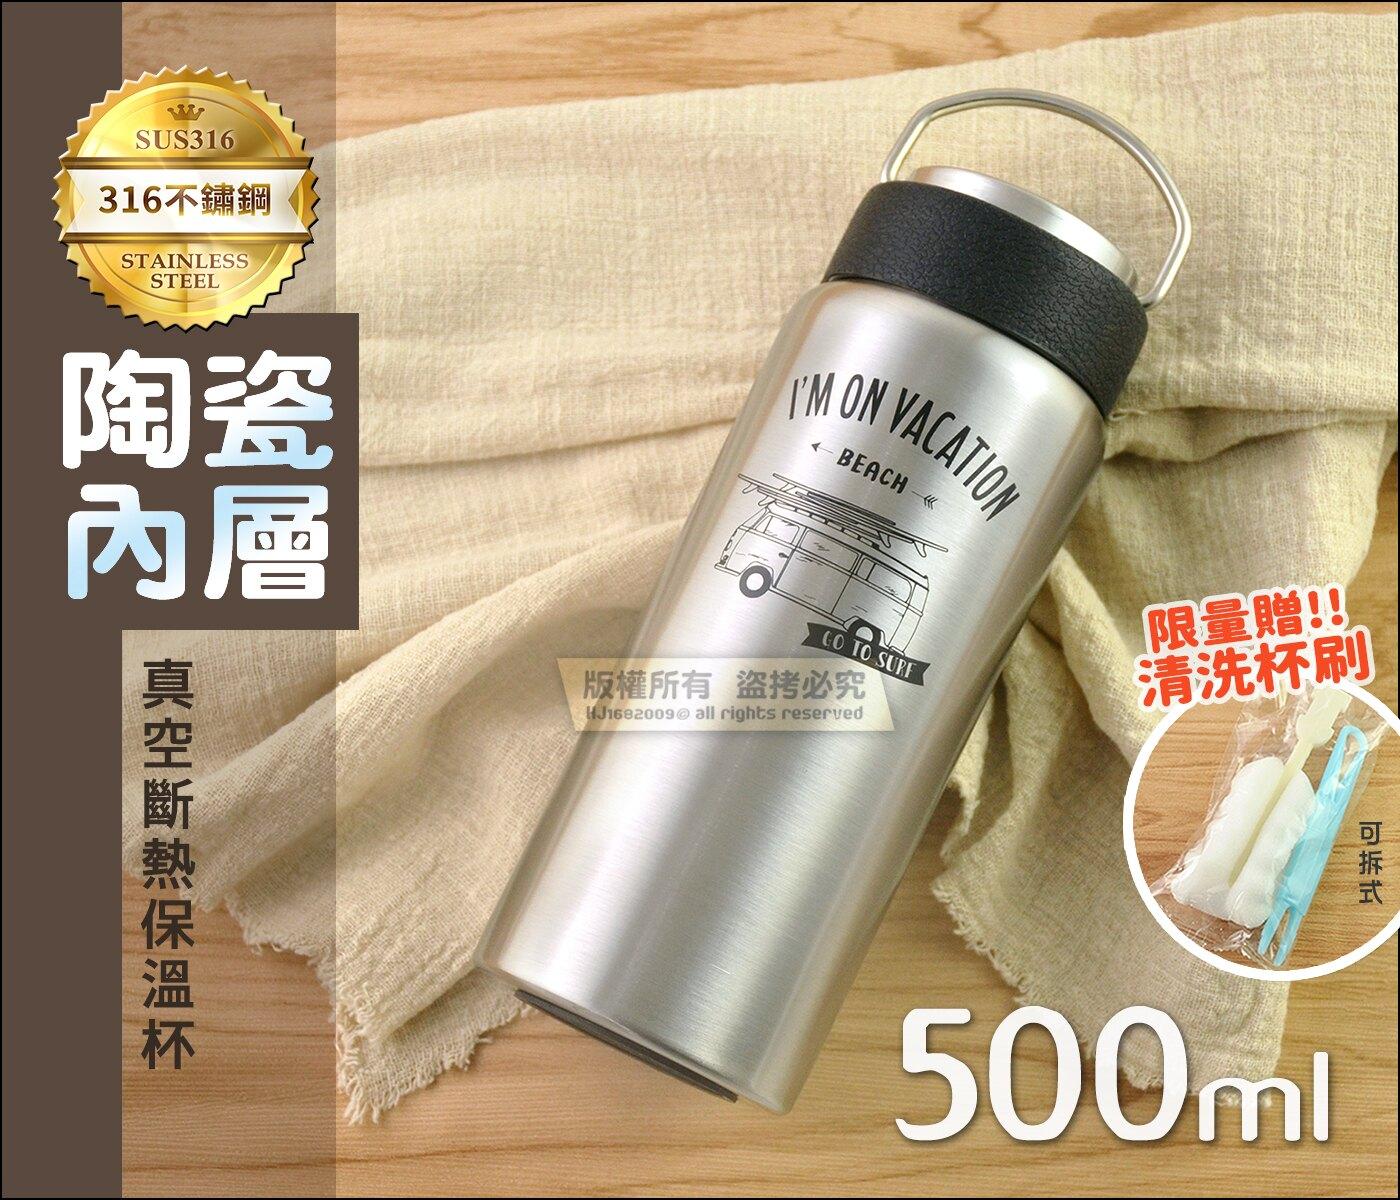 快樂屋♪ LINOX 45-8695 日式真空斷熱保溫杯 500ml【陶瓷易潔層可裝果汁】316不鏽鋼耐酸鹼 提把易攜 隨手杯水壺